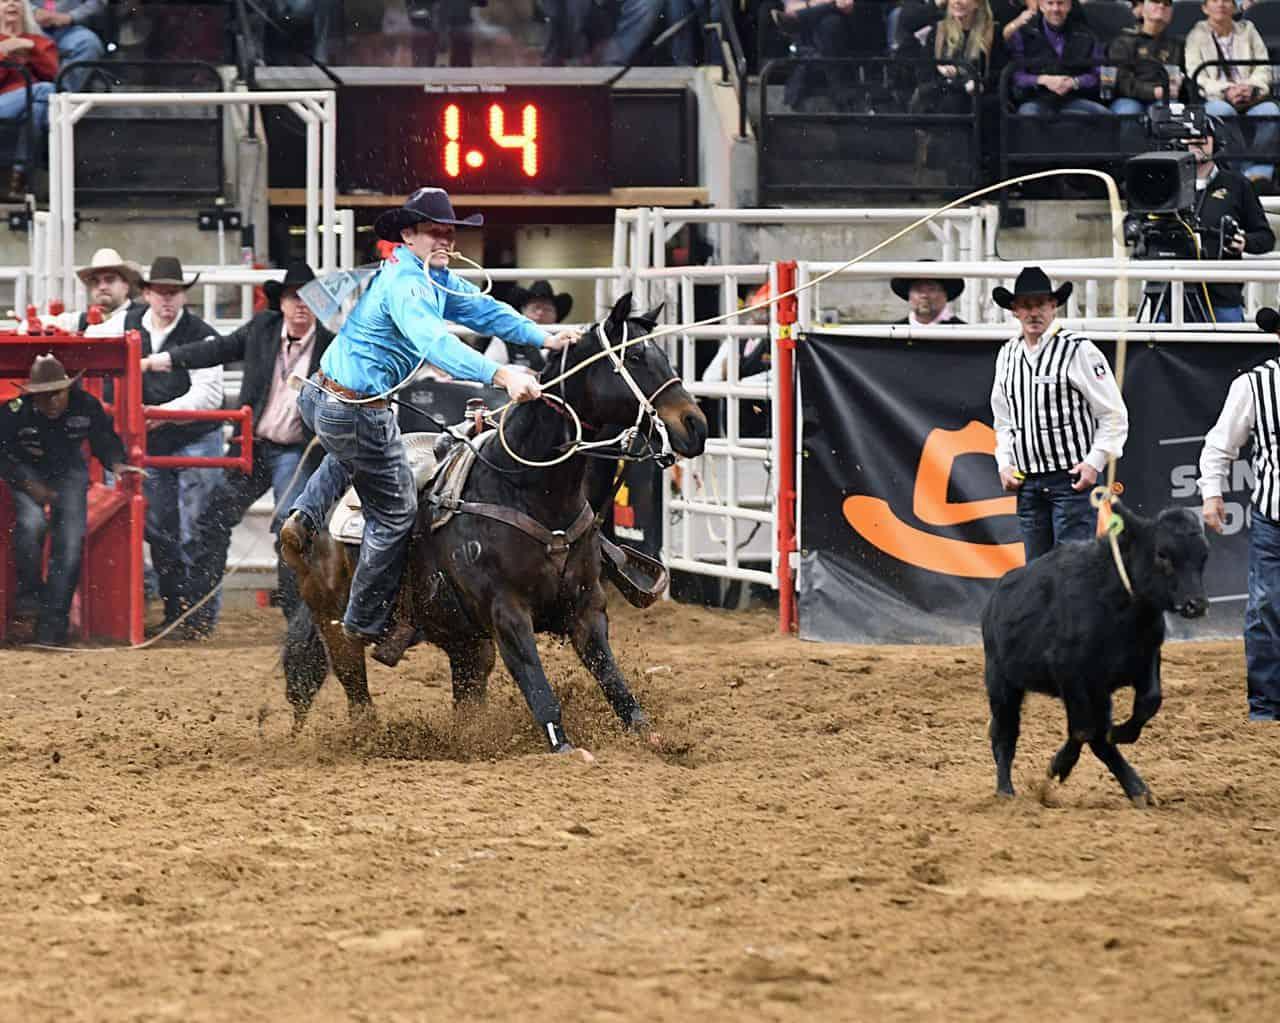 Cooper Big Winner At San Antonio Rodeo Through Semifinals